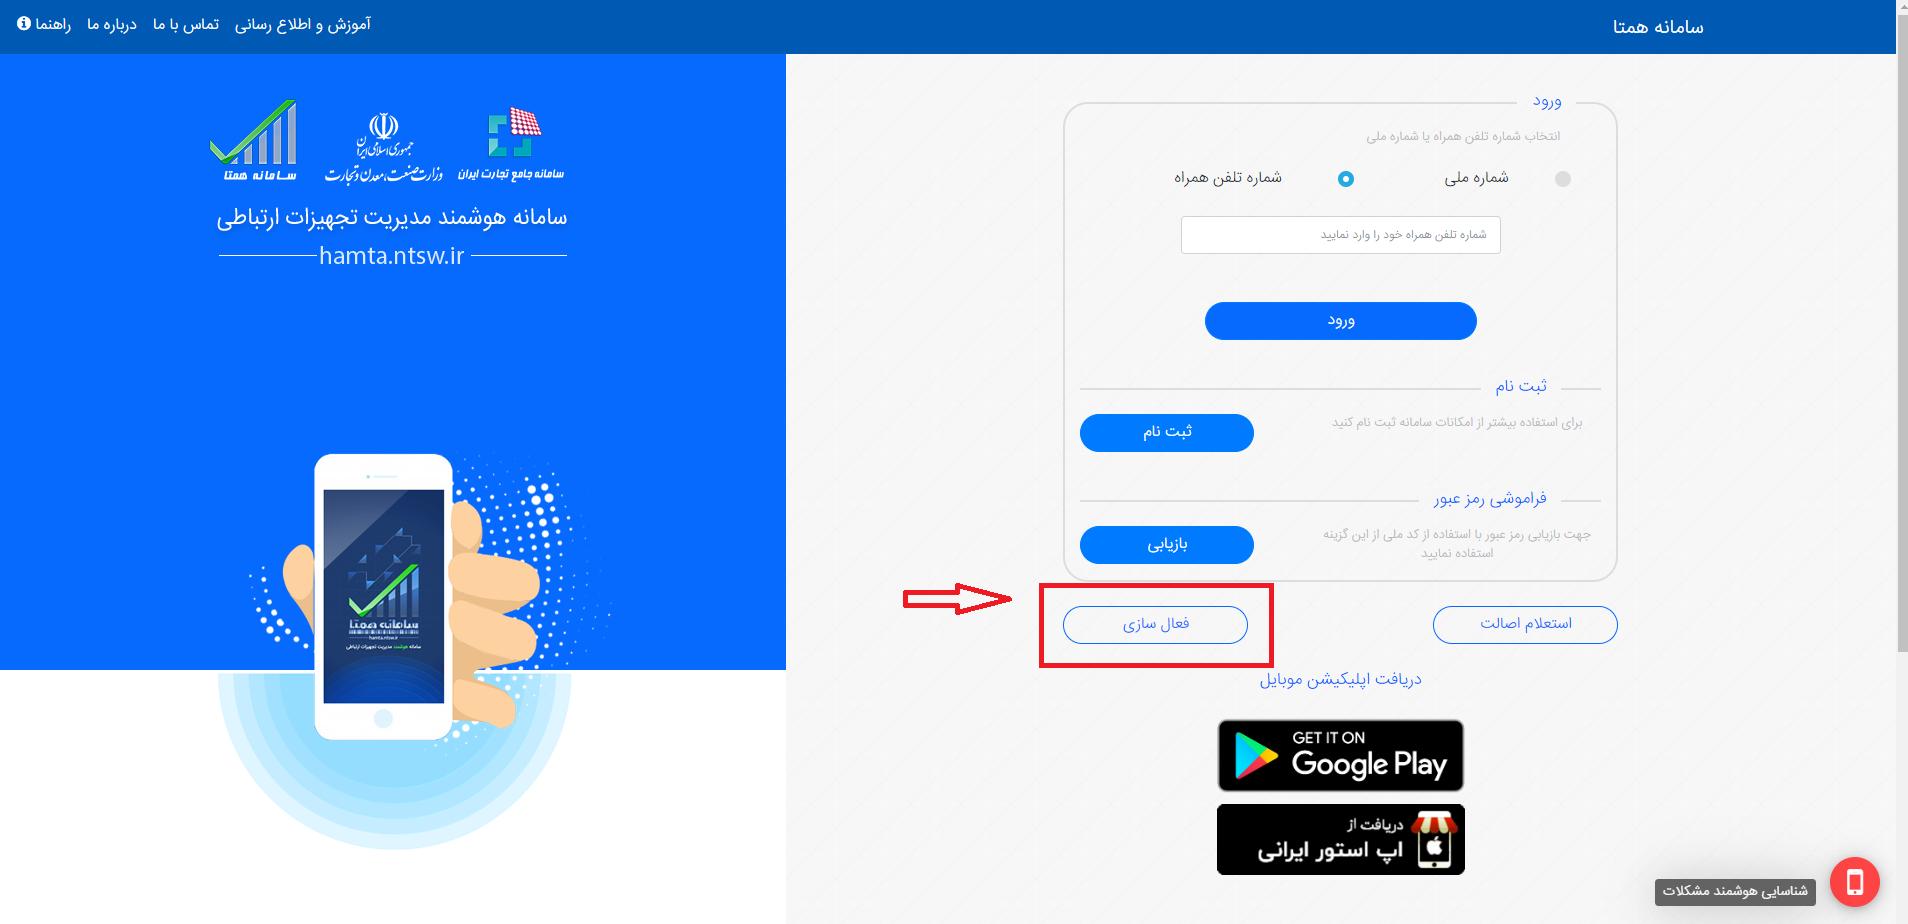 فعالسازی گوشی موبایل با کد رجیستری